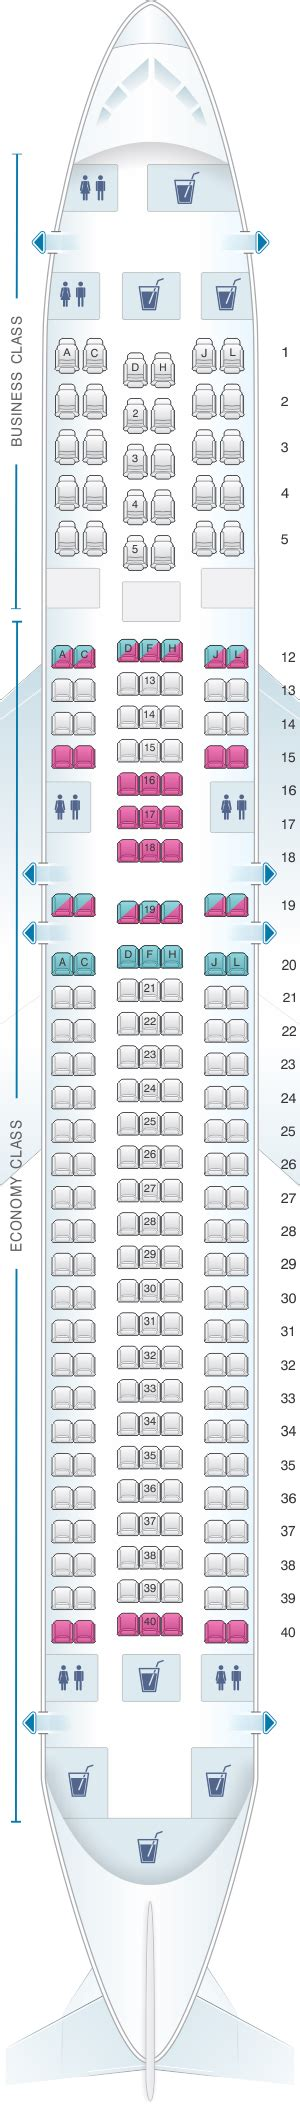 Seat Map LATAM Airlines Boeing B767 300   SeatMaestro